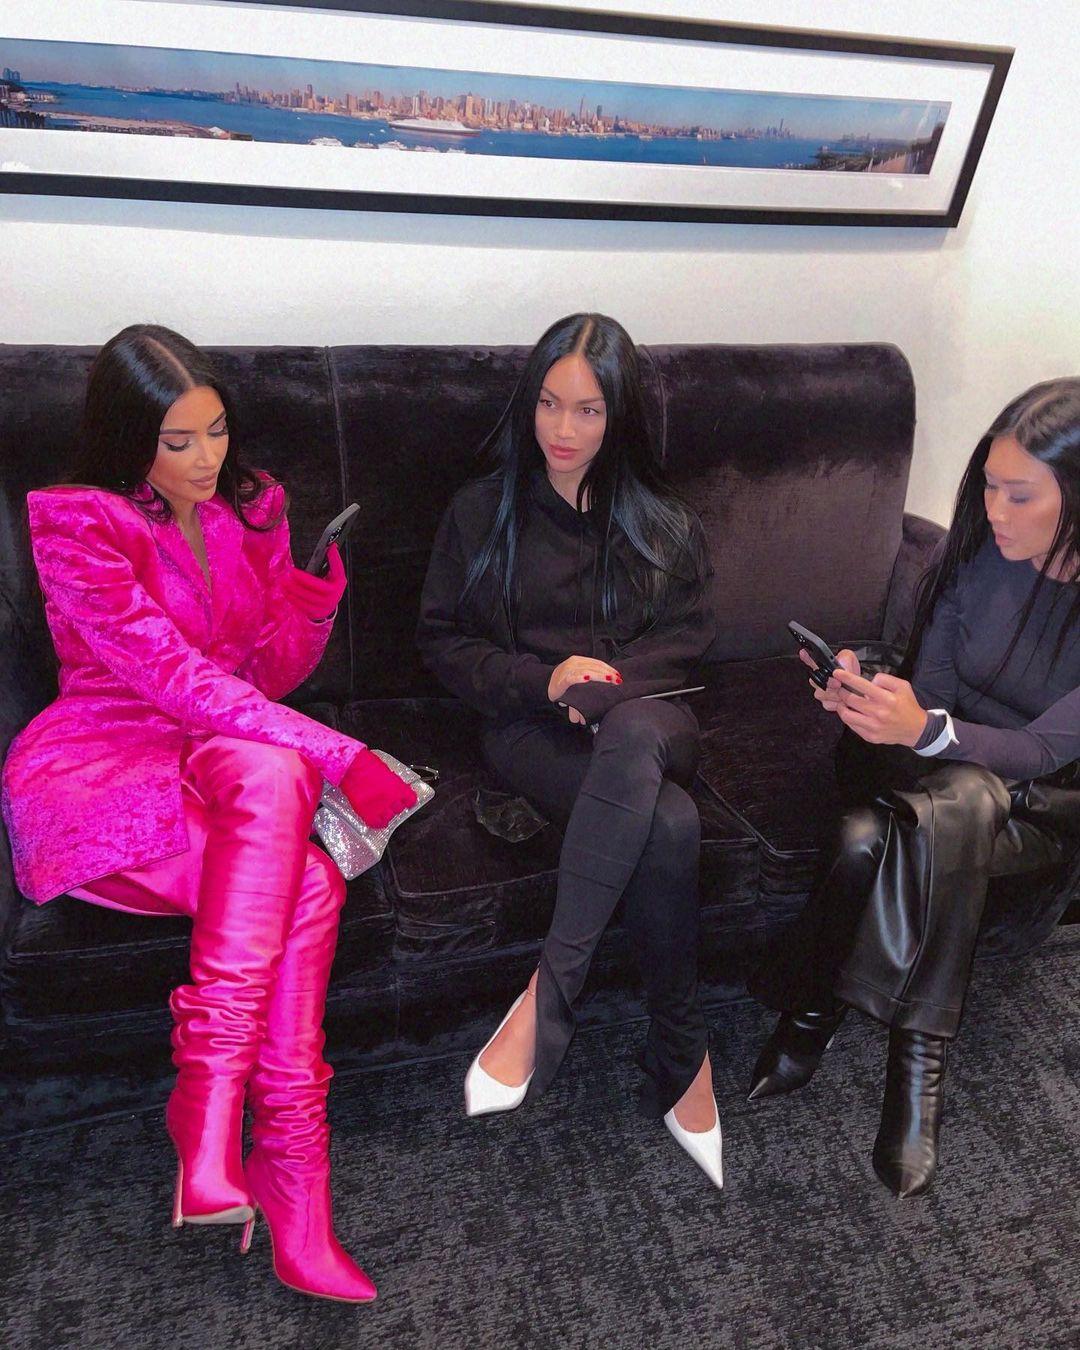 Kim Kardashian med Stephanie Shepherd Suganami og Tracy Romulus backstage på Saturday Night Live (Instagram/kimkardashian)